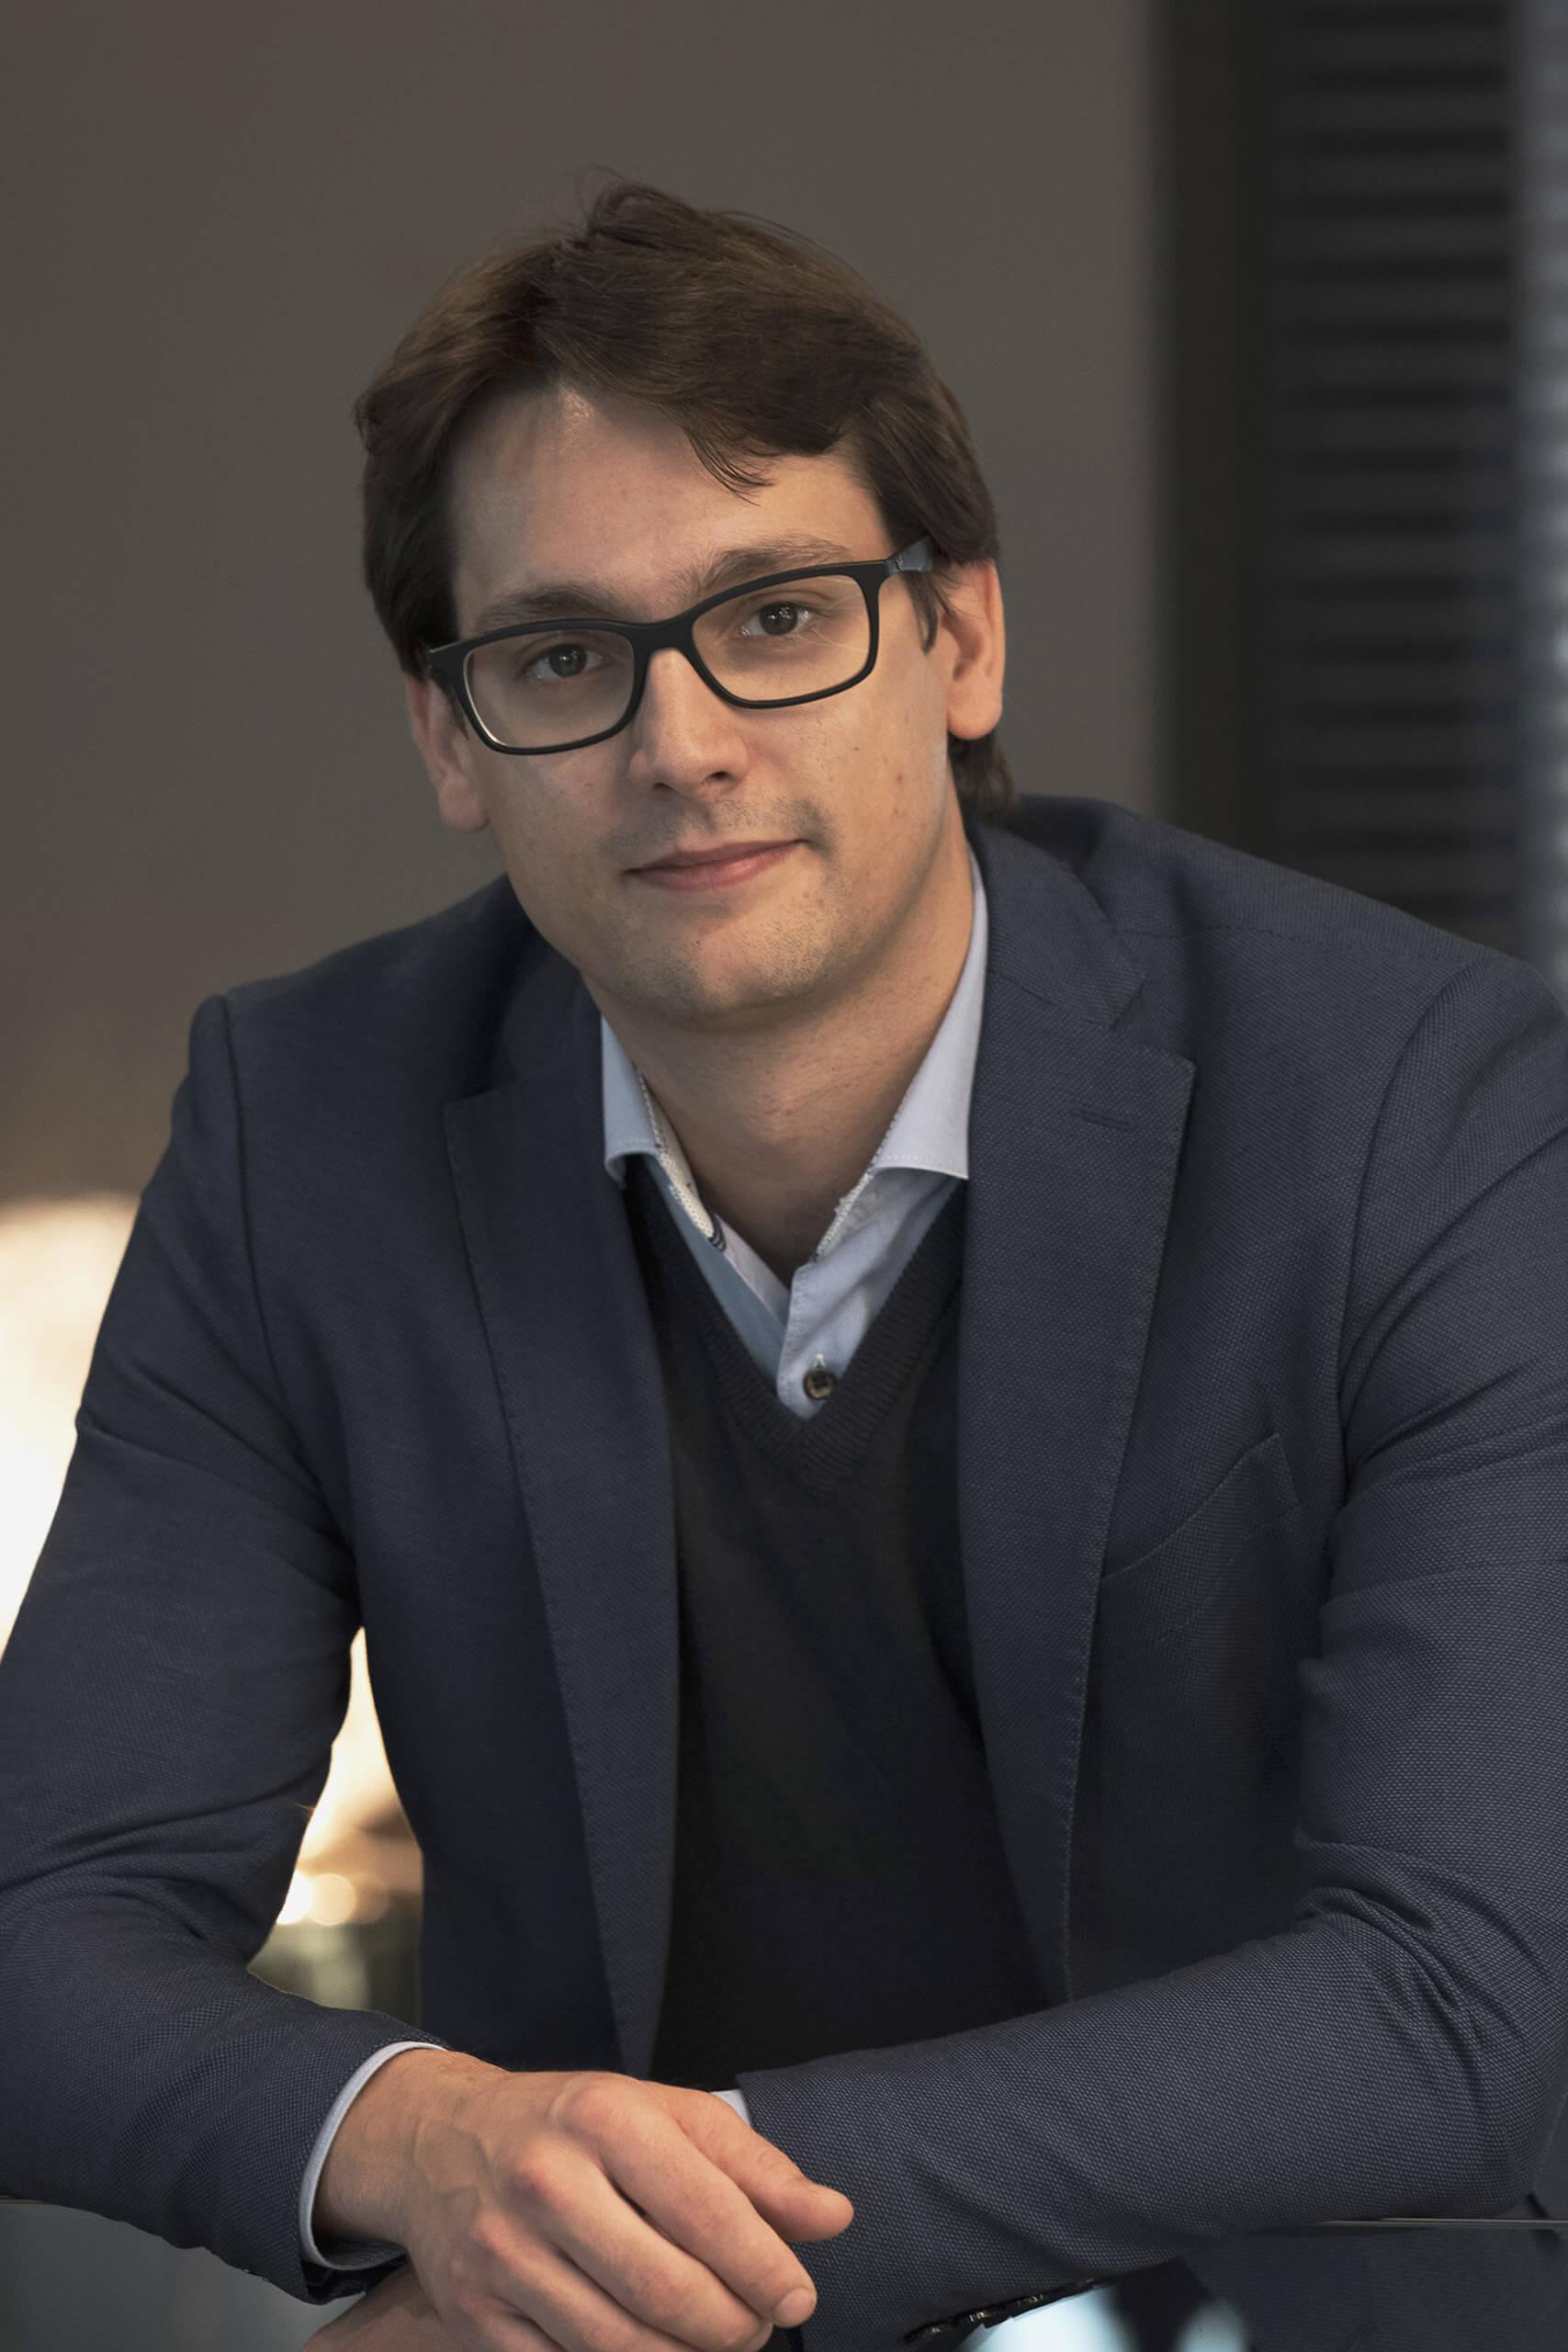 Riccardo Galfetti